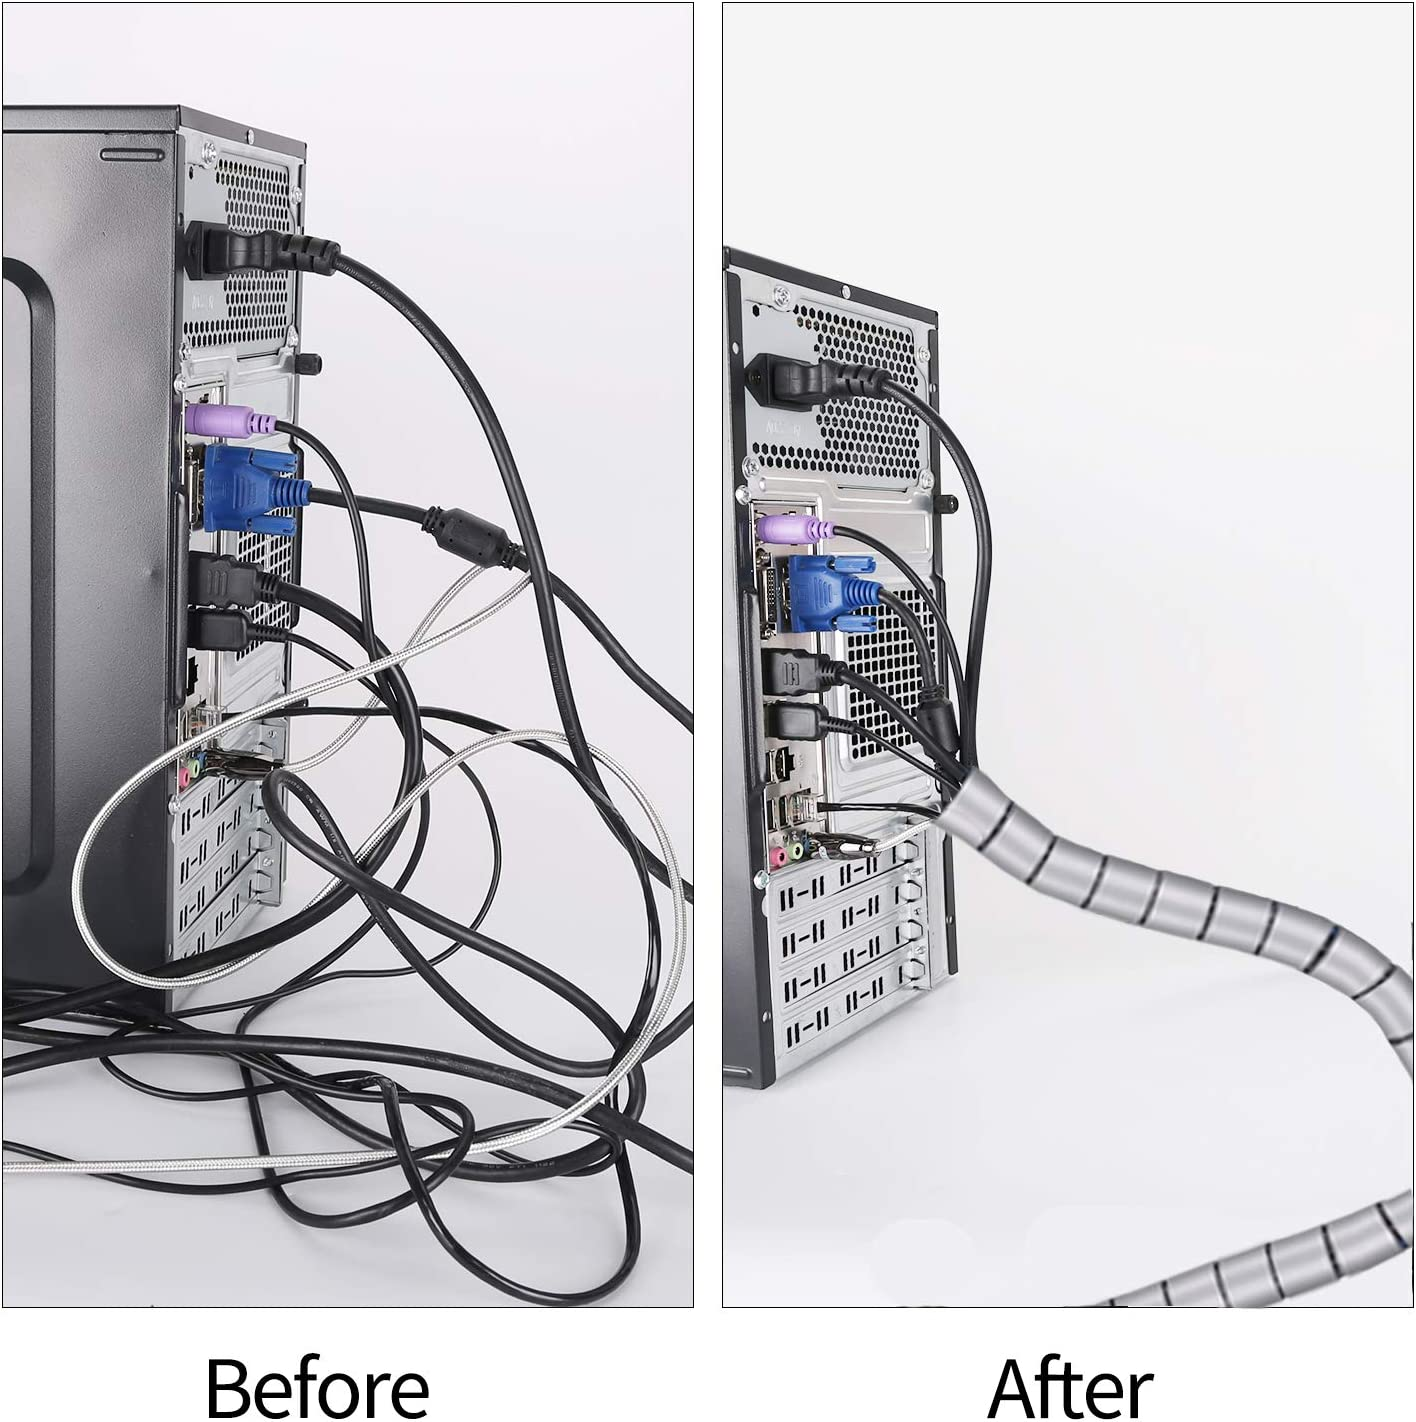 /Ø2.2cm y /Ø1.6cm Recoge Cables para Office y PC Escritorio-Negro y Gris Organizador de Cables Mesa MOSOTECH Organizador Cables Cubre Cables de 2 x 1.5m Flexible Funda Organizador Cables